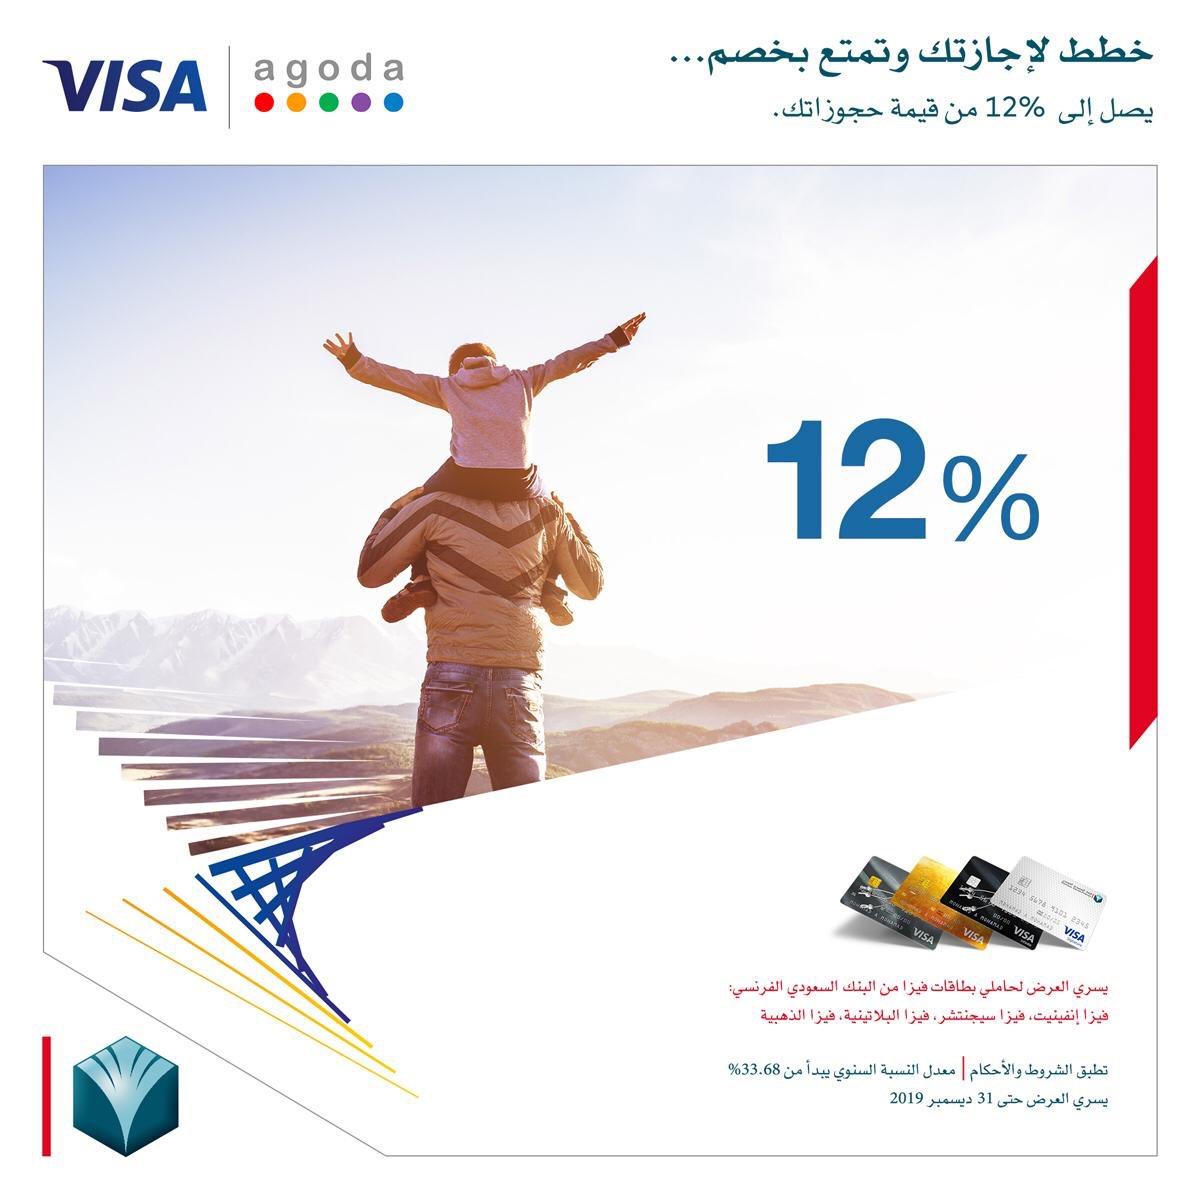 البنك السعودي الفرنسي Ar Twitter خطط سفرك مع البنك السعودي الفرنسي واجودا وتمتع بخصم يصل حتى 12 من قيمة حجوزاتك باستخدام بطاقة الفرنسي فيزا الائتمانية احجز الآن عبر الرابط التالي لتحصل على